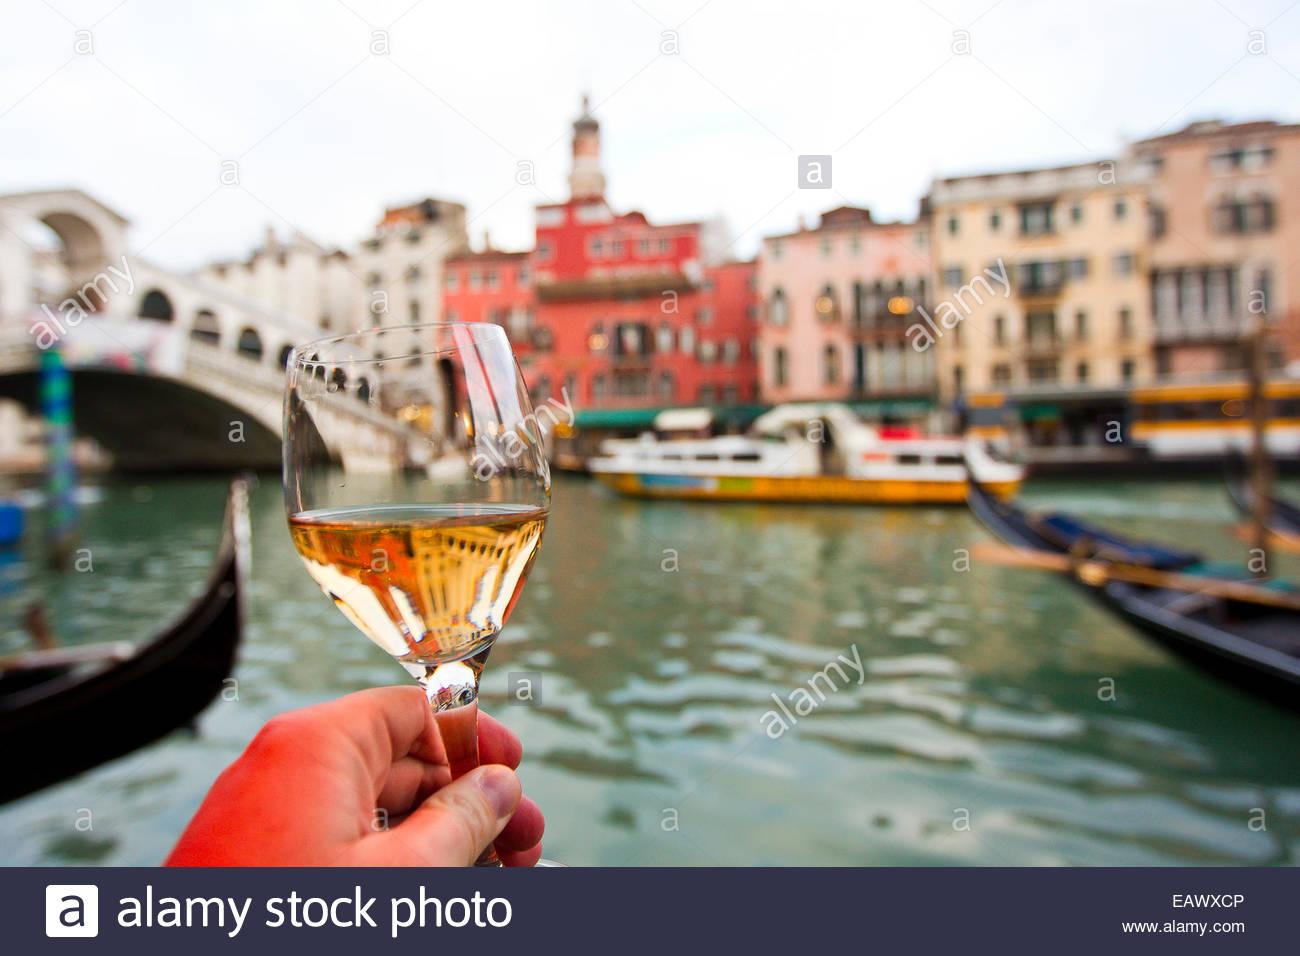 Renaissance-Ära Gebäude betrachtet durch ein Glas Wein. Stockbild